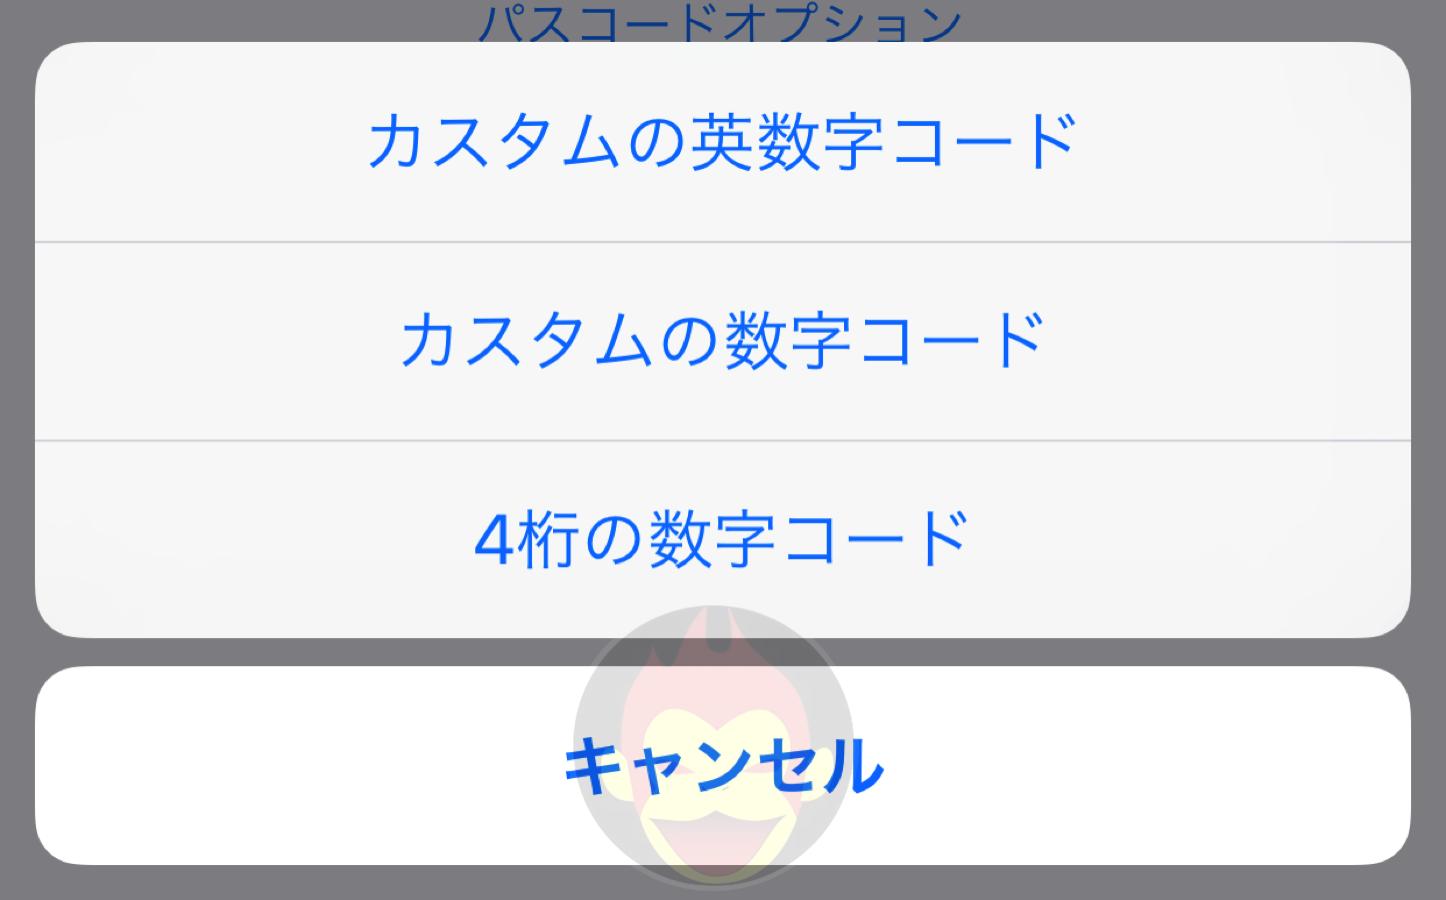 iOS-9-UI-Design-01.png